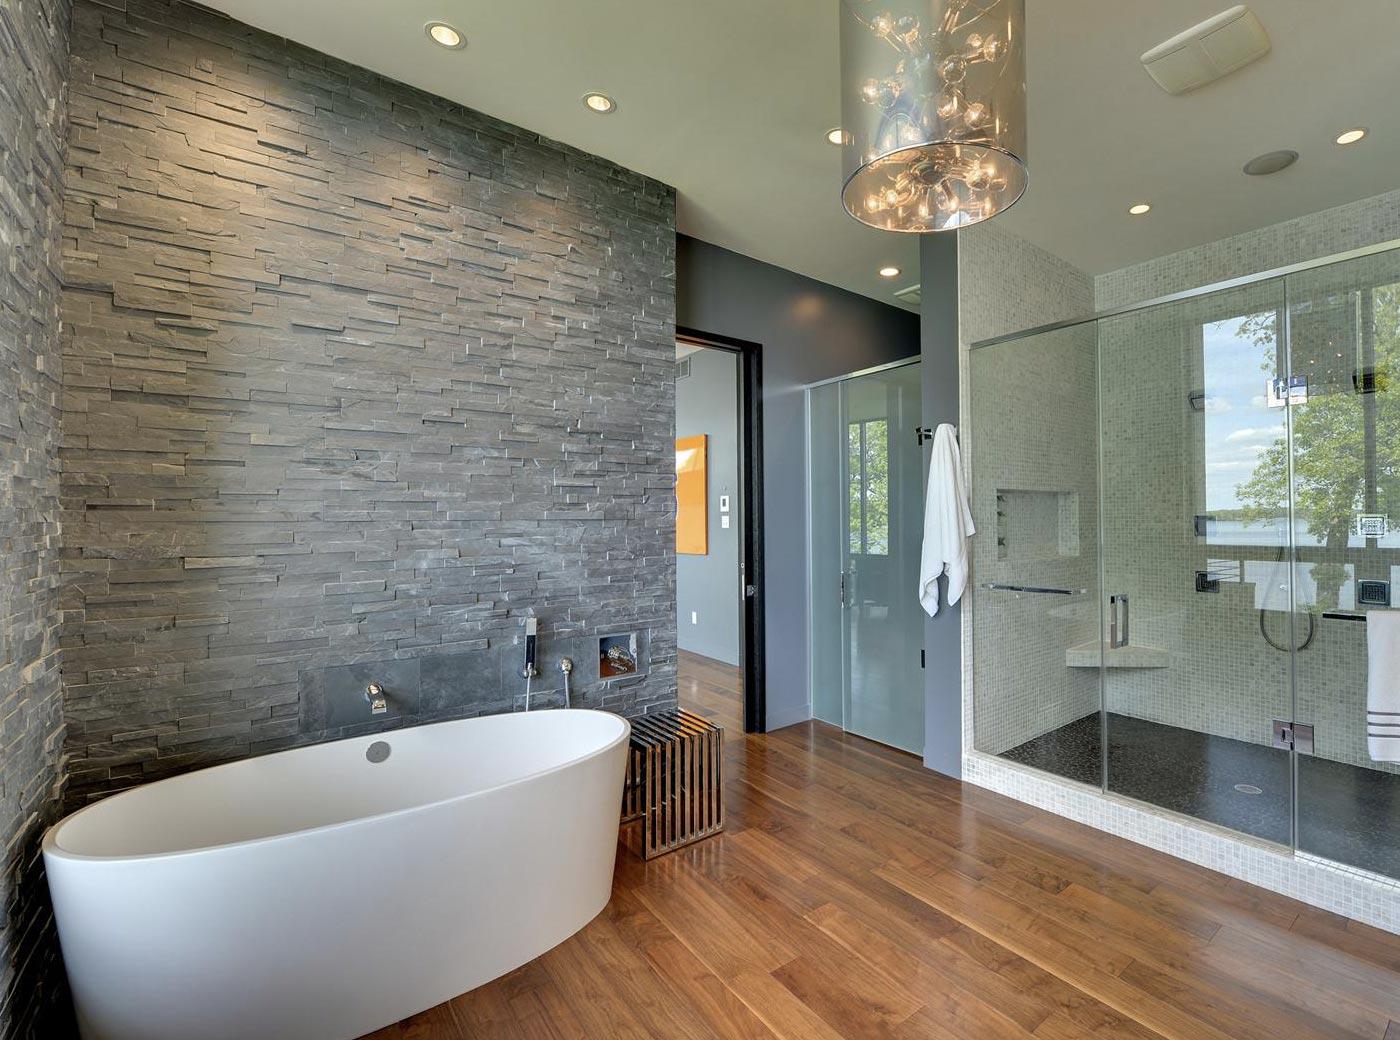 Дизайн ванной комнаты с отделкойплиткой